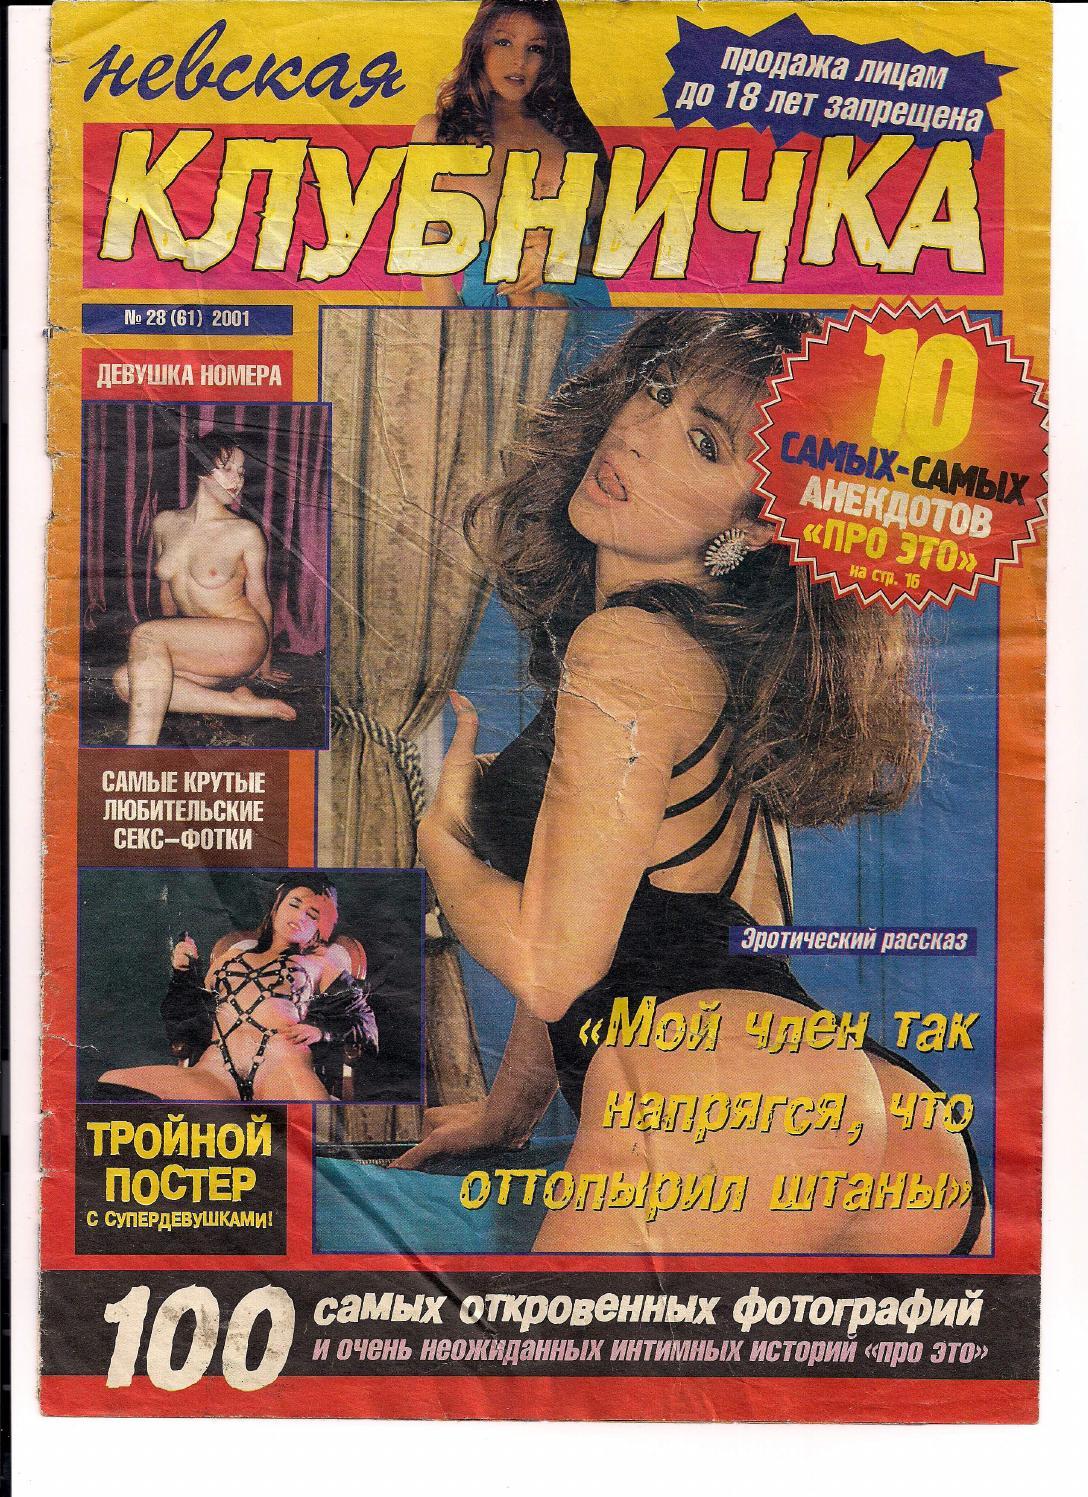 porno-zhurnali-ili-gazeti